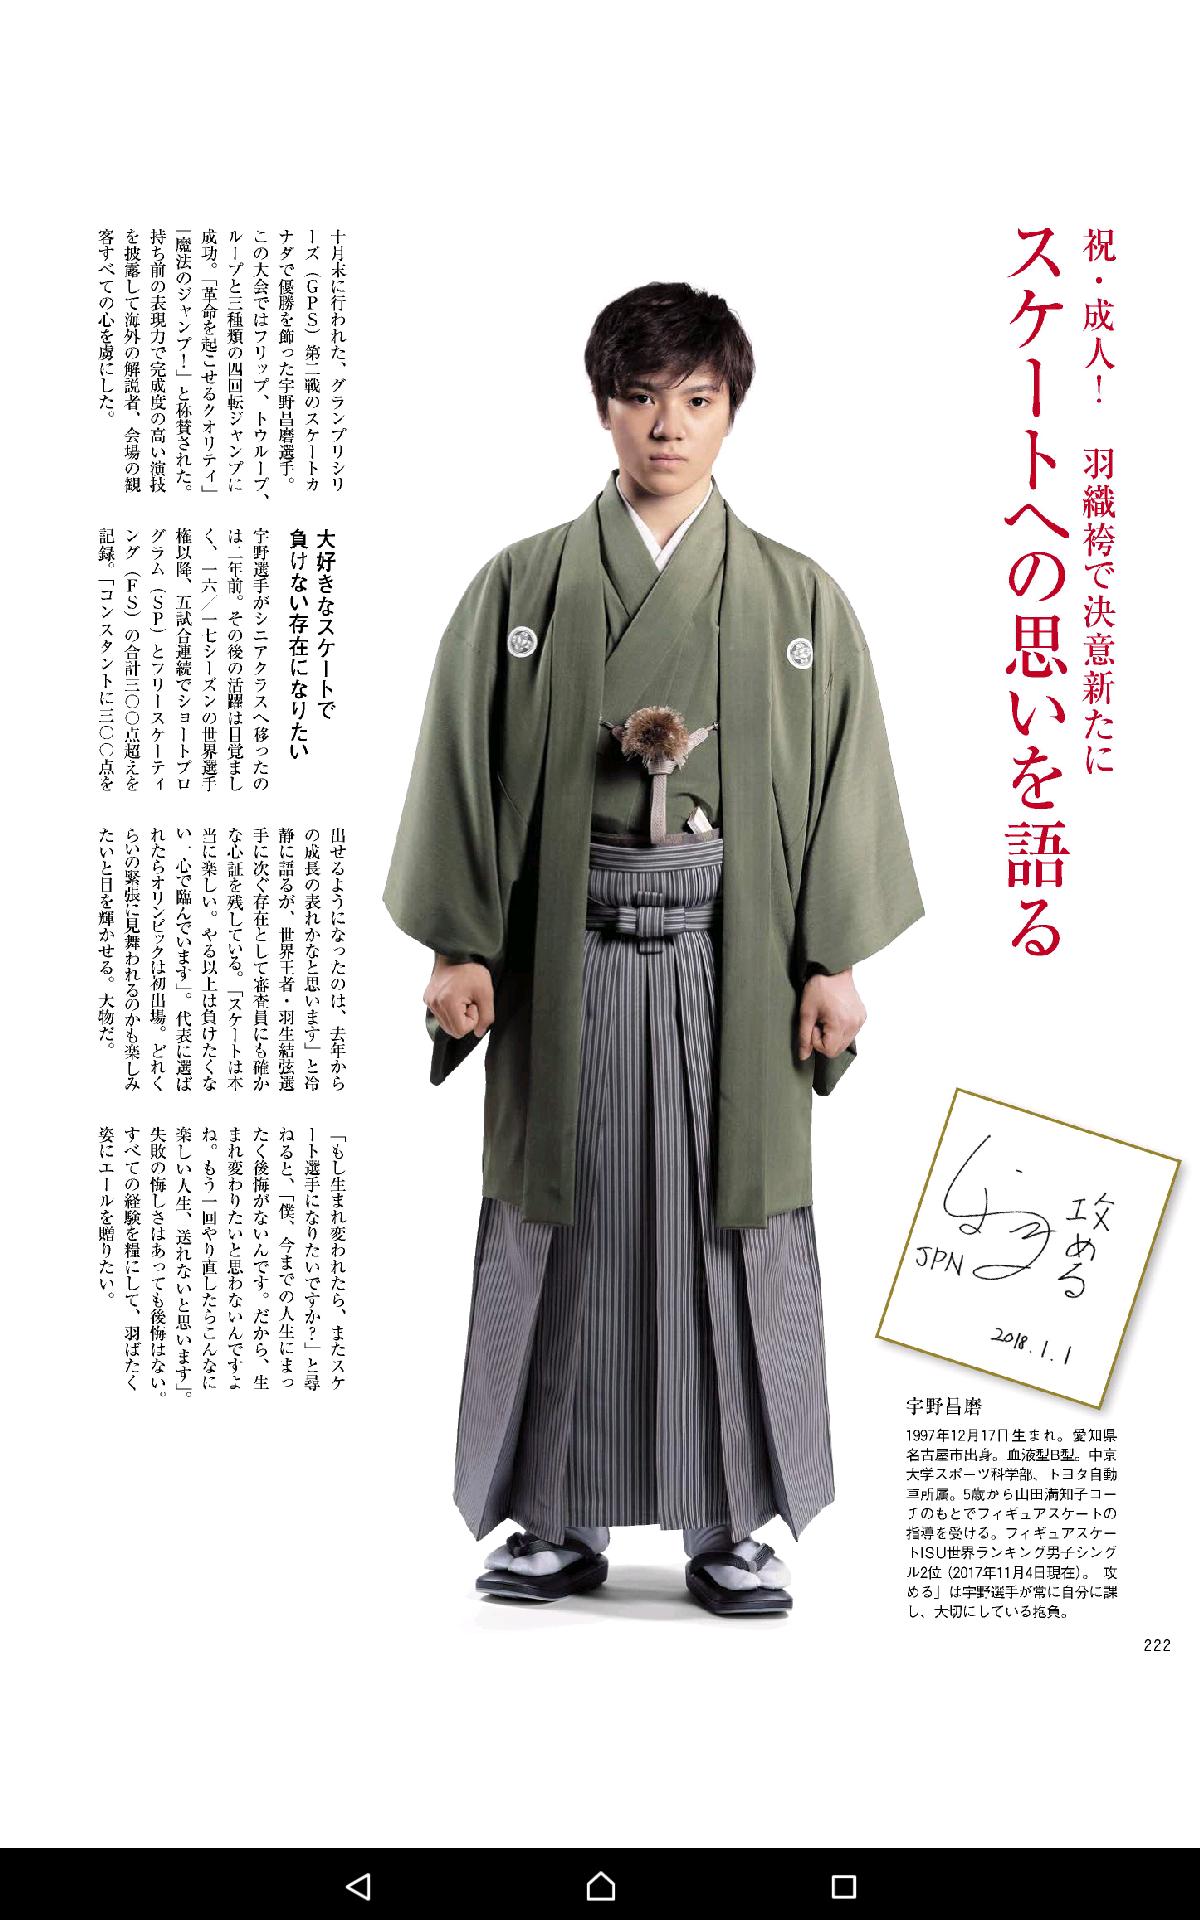 家庭画報2018年1月号二十歳の肖像・宇野昌磨選手の羽織袴姿が可愛いらしいと評判。